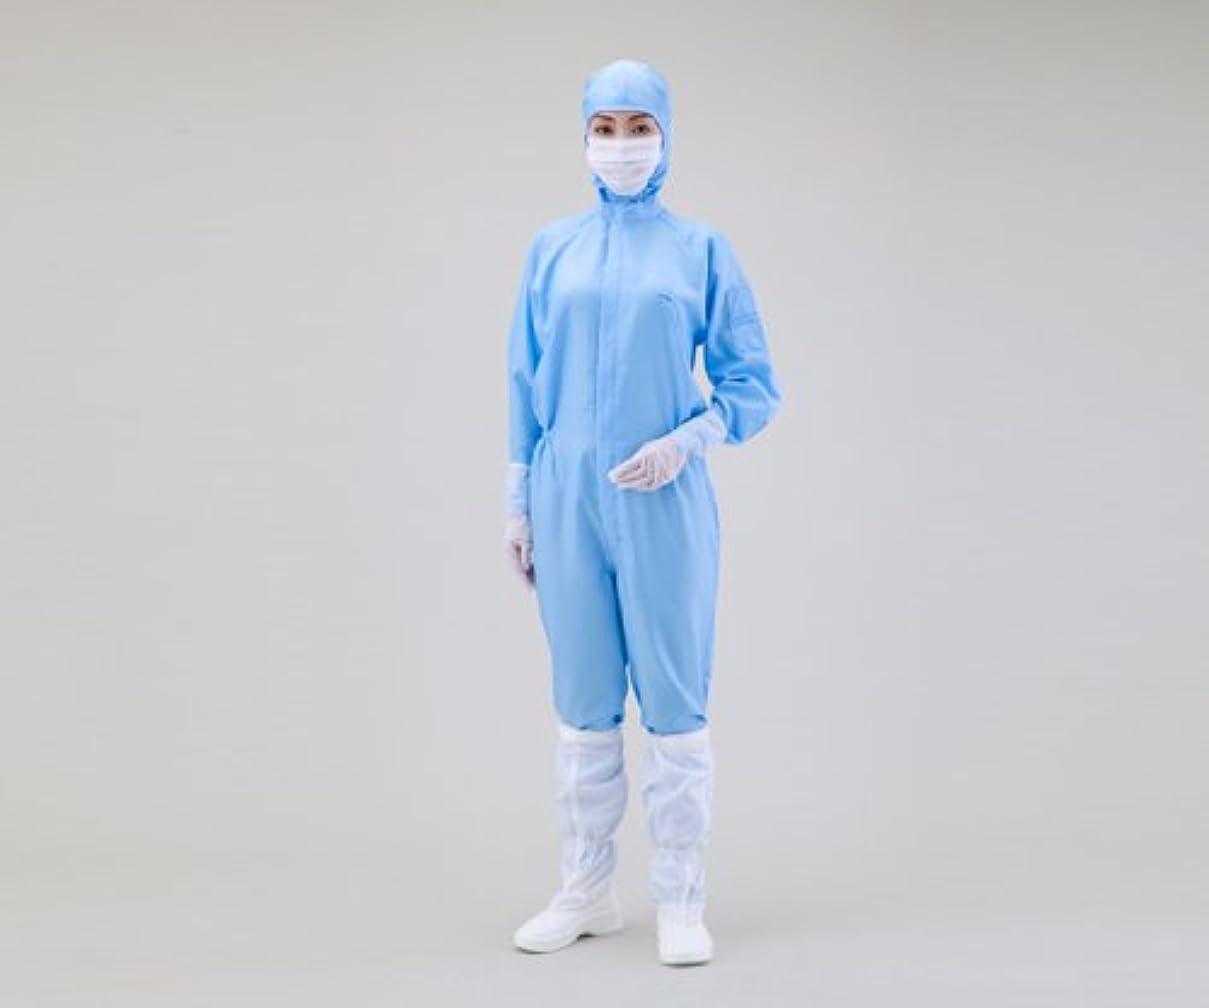 ハンサム非効率的な近々アズワン 無塵衣AS197C フード付 青